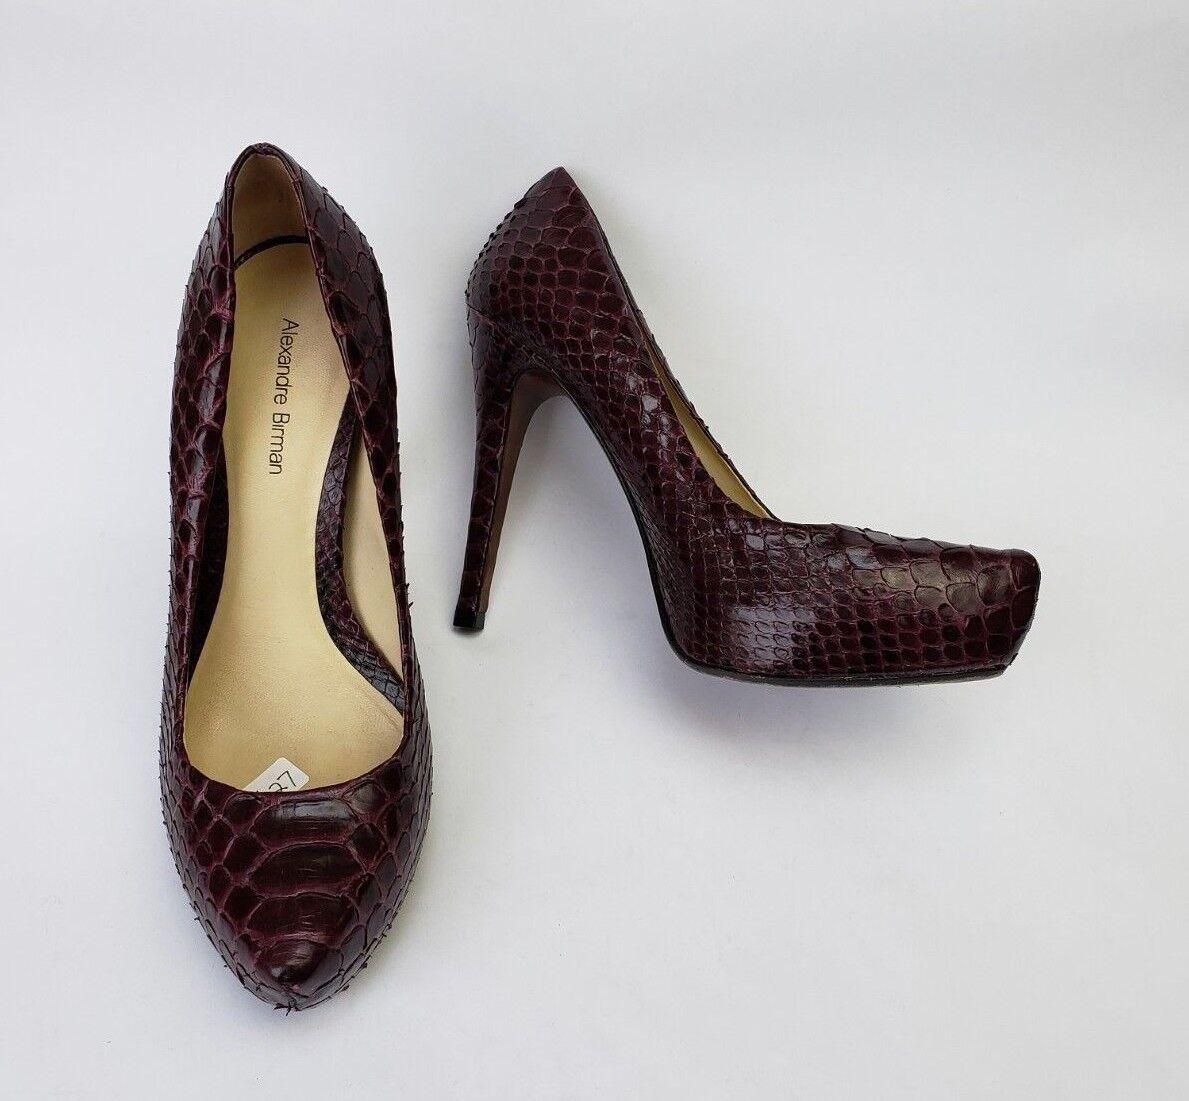 più economico Alexandre Alexandre Alexandre Birman scarpe Heels Plum Pumps Snakeskin Pattern Leather donna Dimensione 7  tutti i beni sono speciali